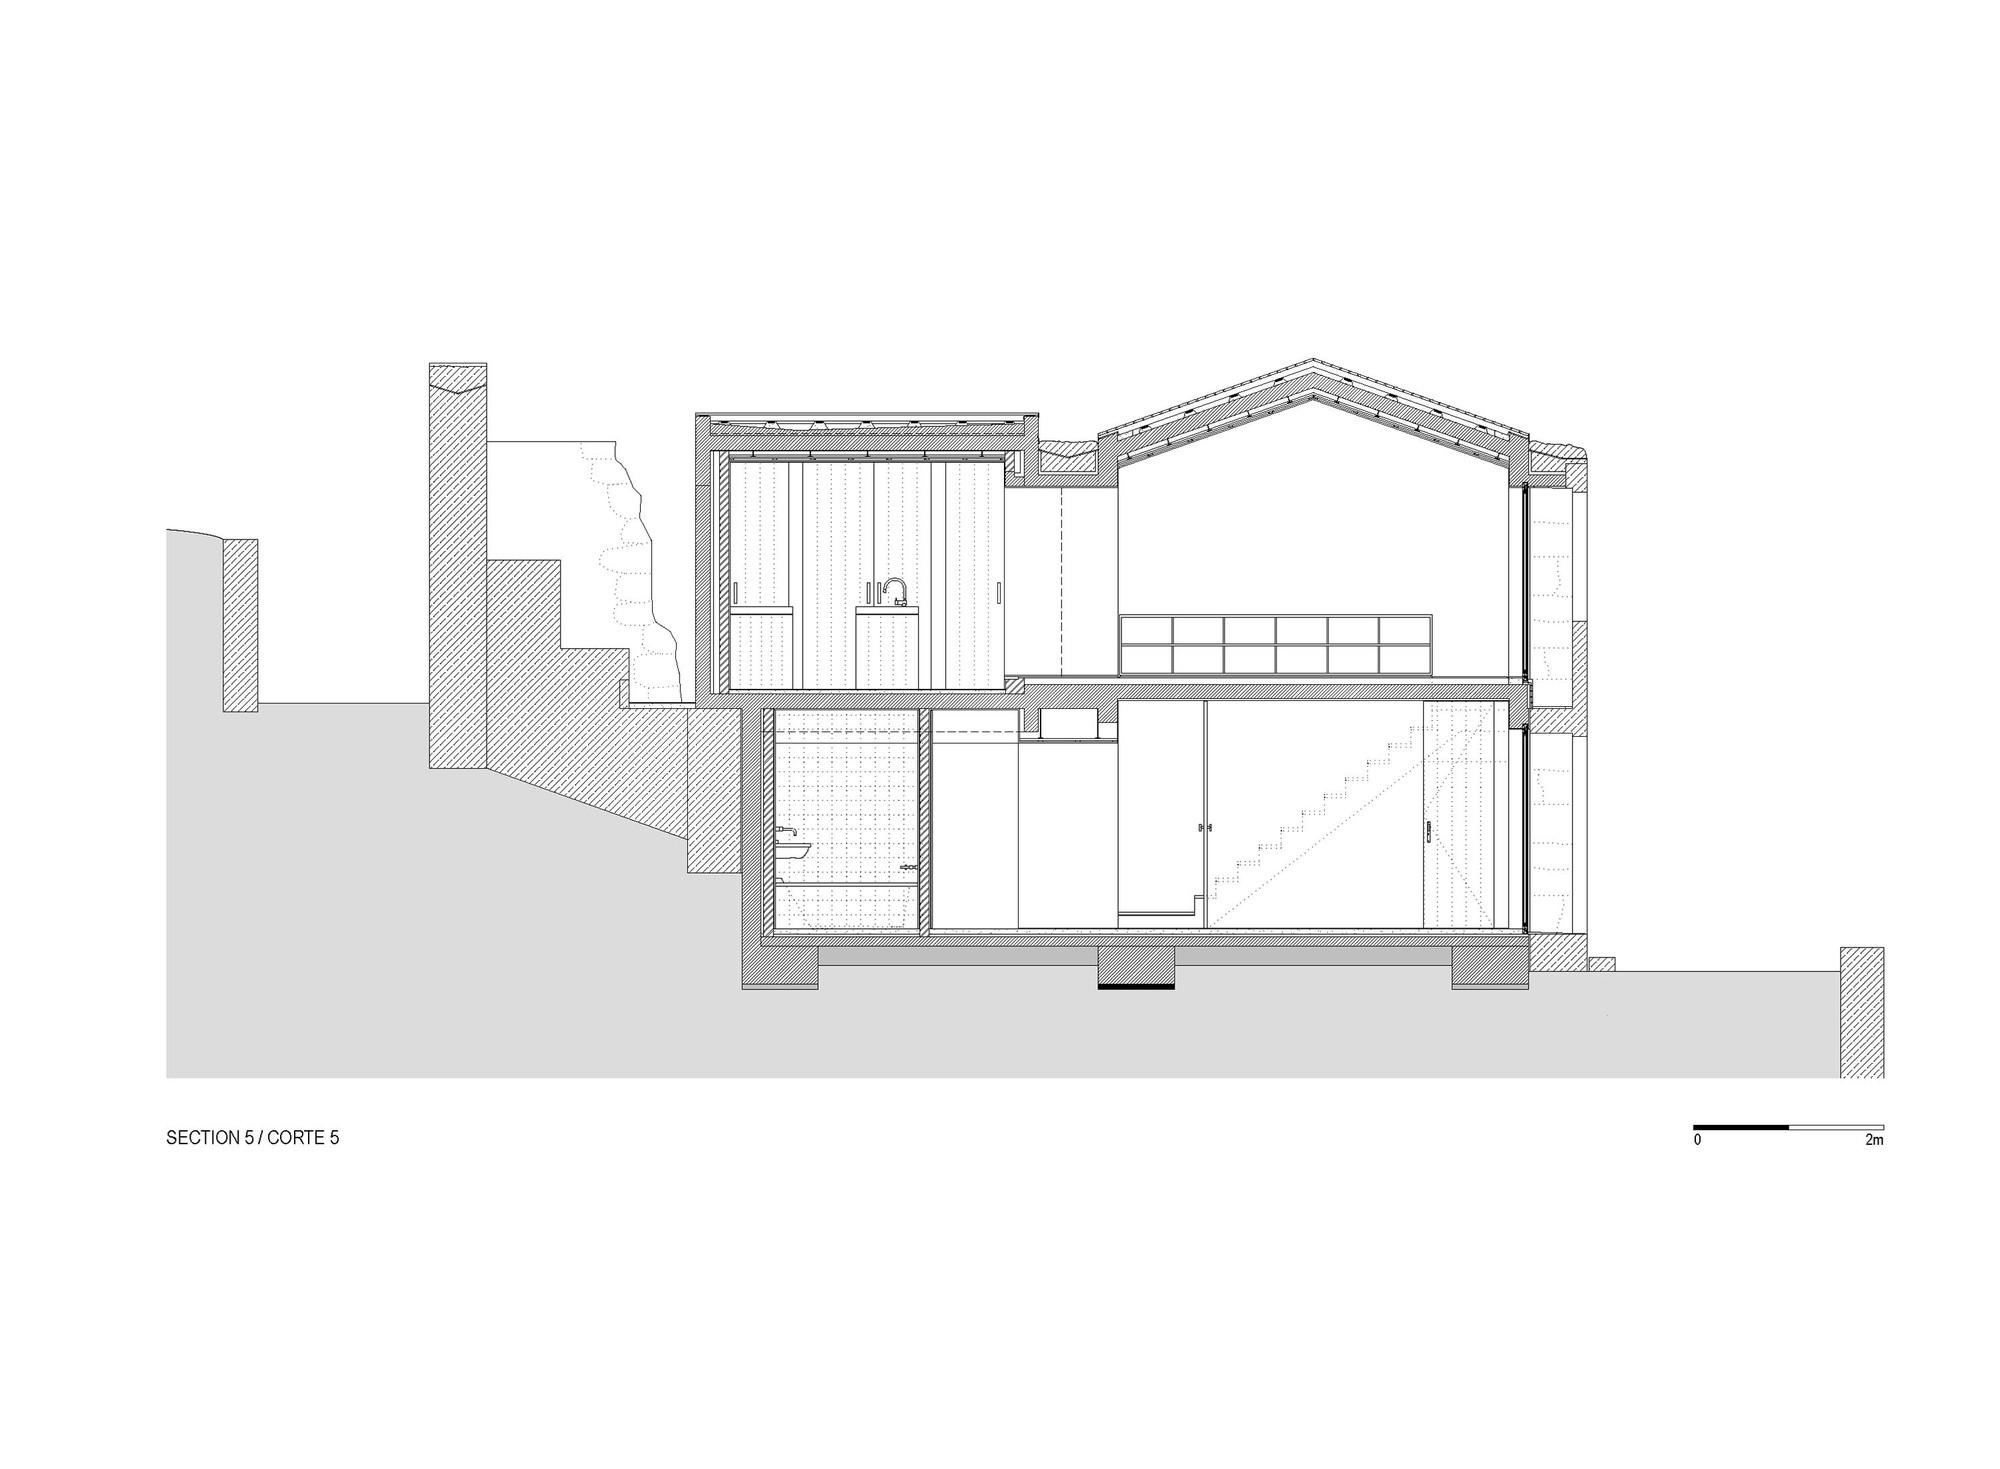 EC-House-just3ds.com-19